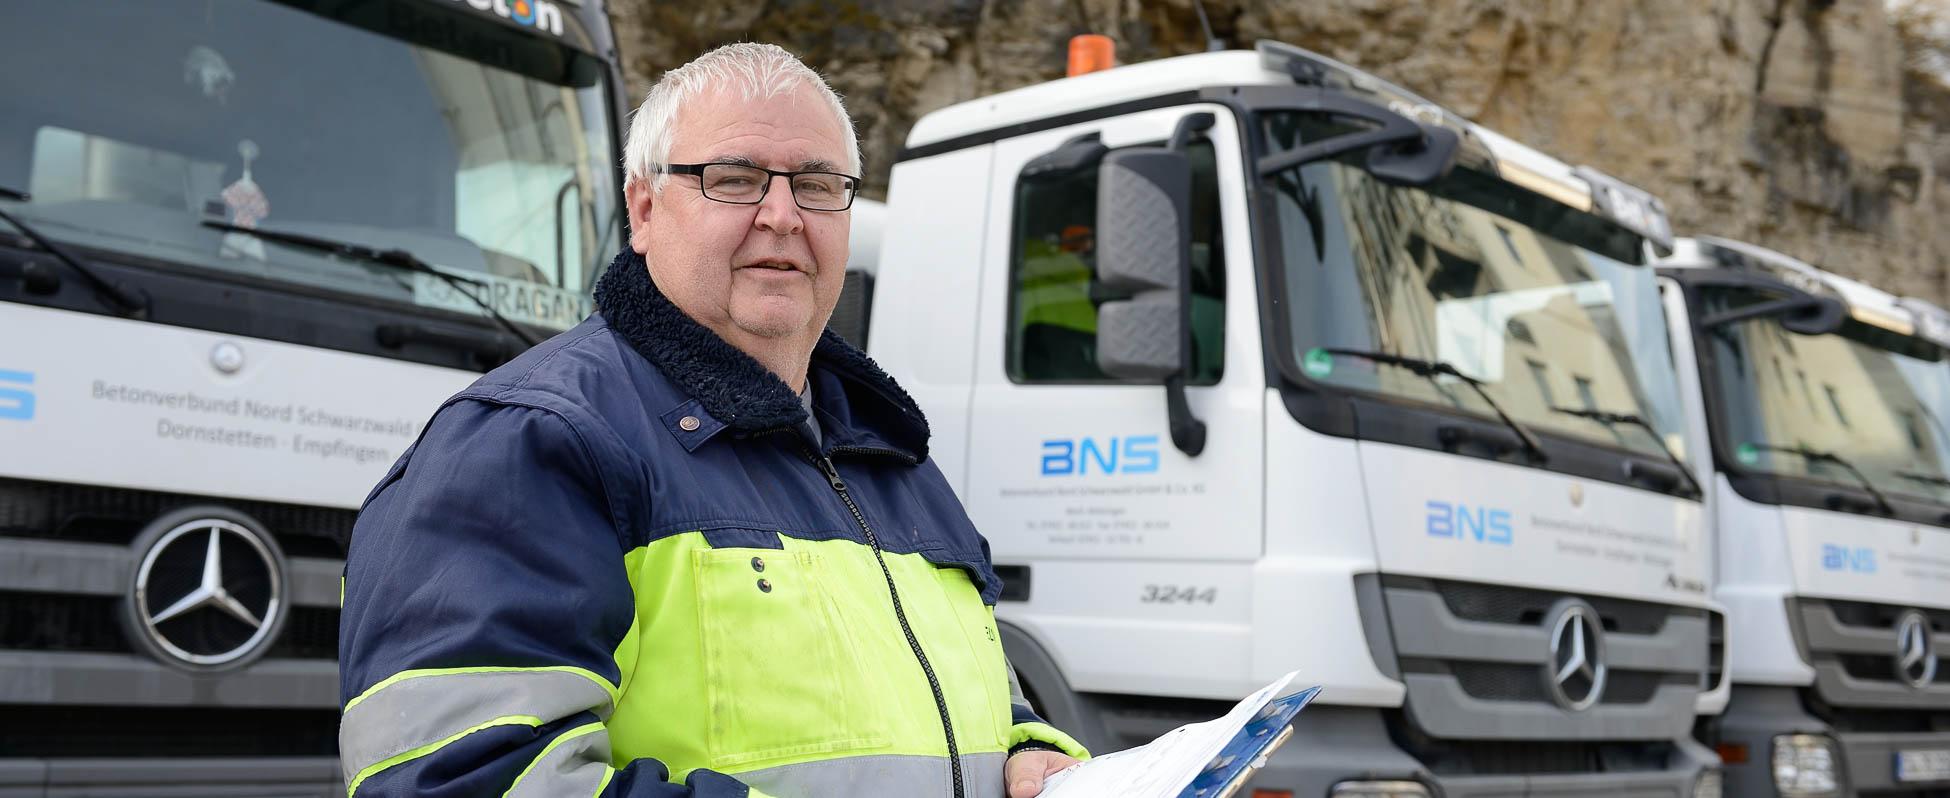 Mitarbeiter TBG Nagoldtal - BNS